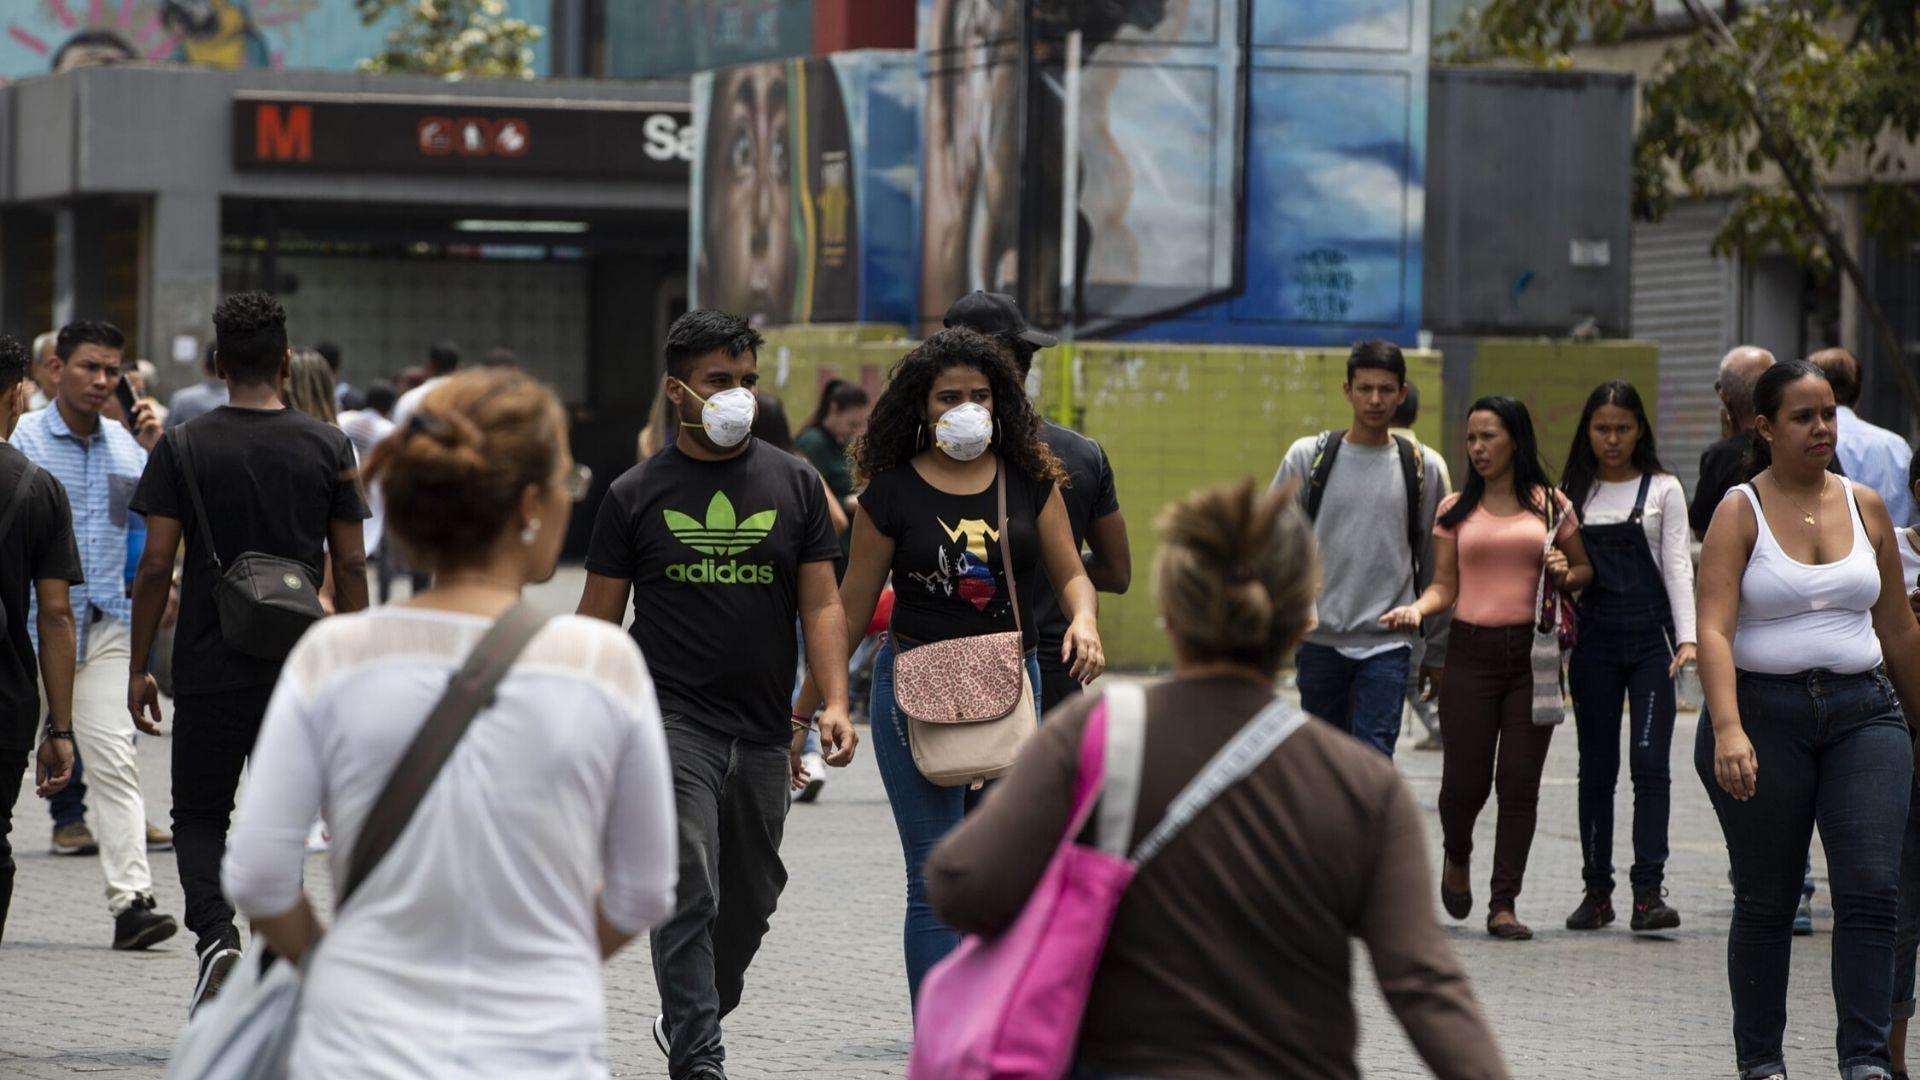 Ministra del Comercio pide no relajar medidas de bioseguridad en semana de flexibilización